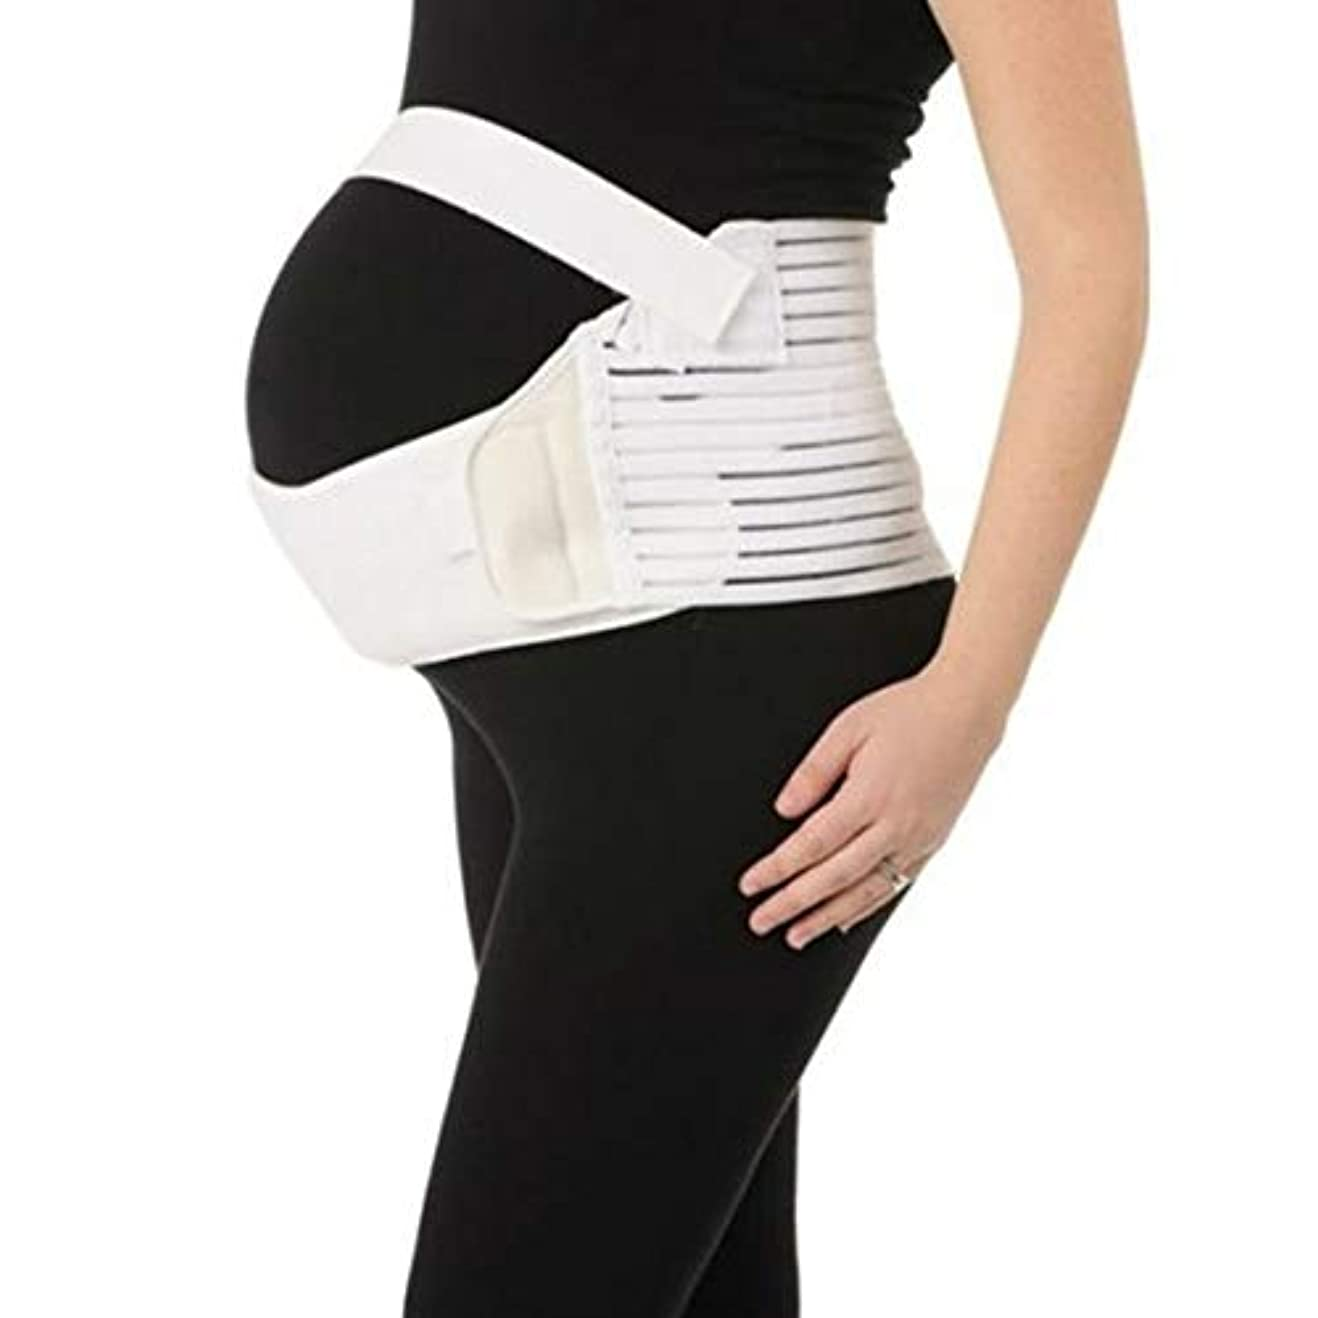 ピクニックラリー振動させる通気性マタニティベルト妊娠腹部サポート腹部バインダーガードル運動包帯産後回復形状ウェア - ホワイトXL